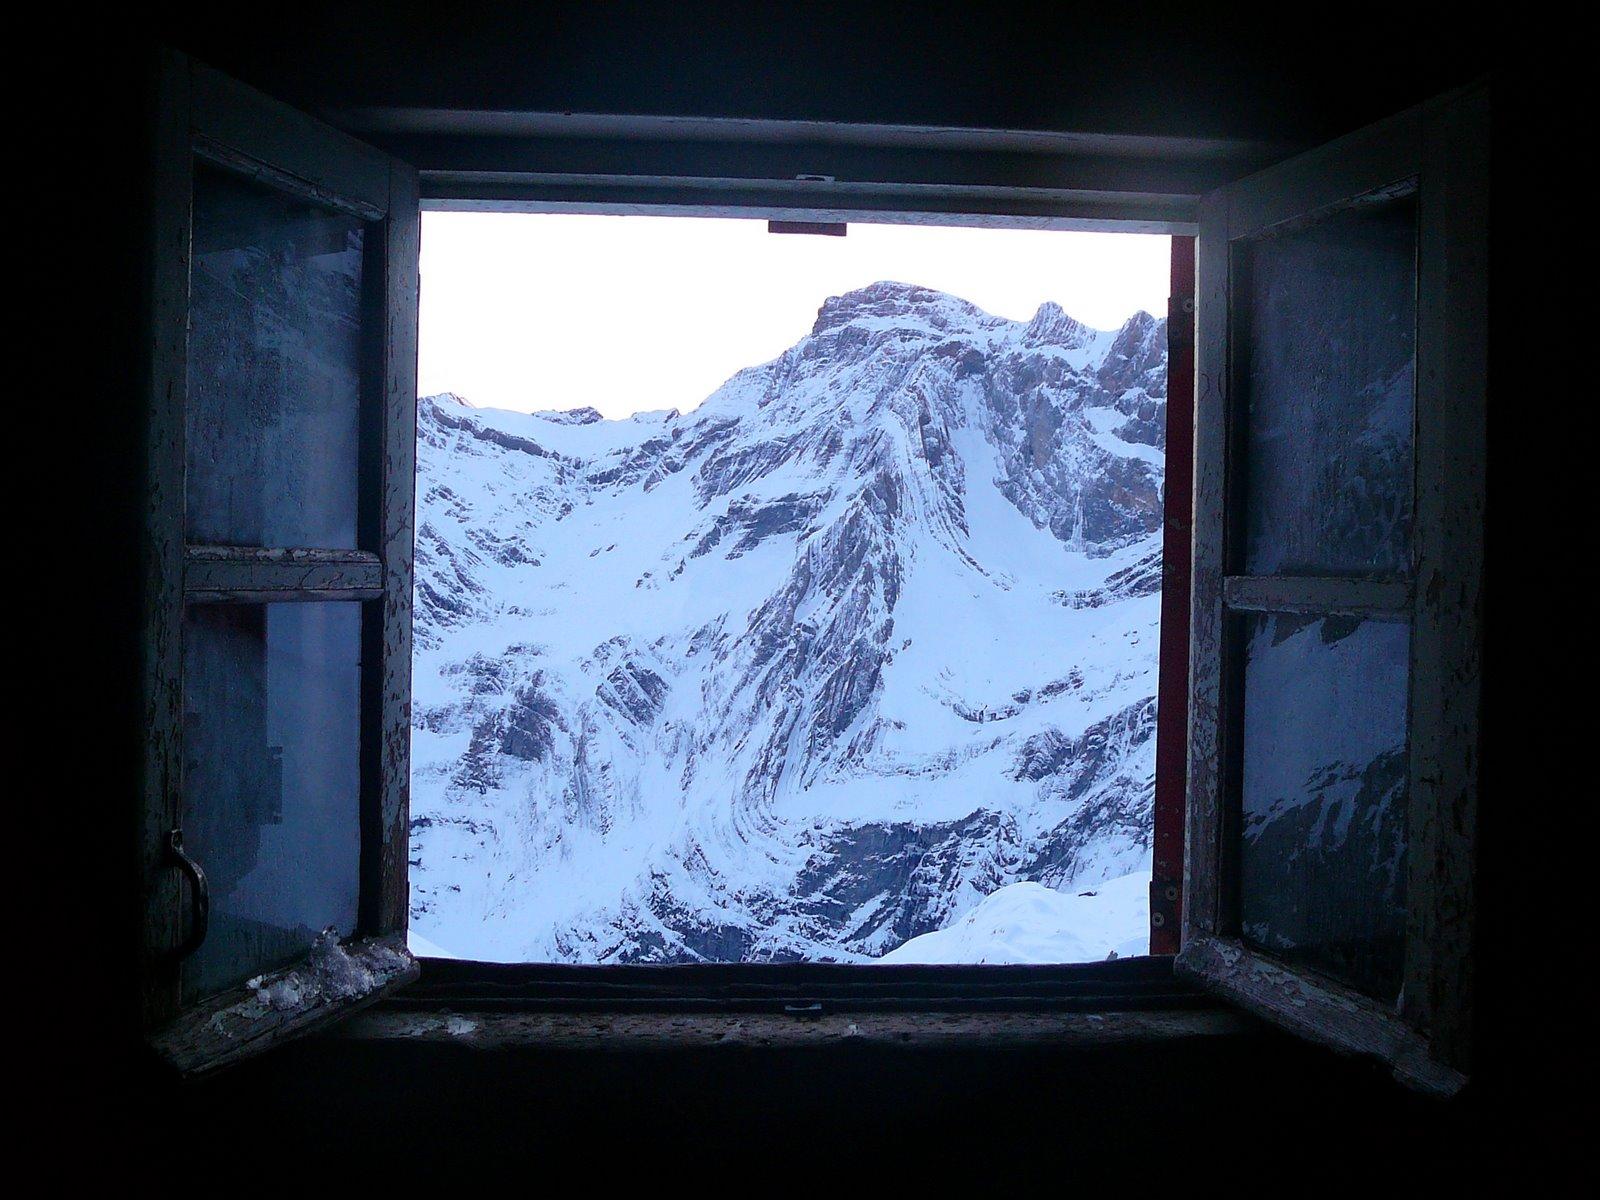 Ojala tuviéramos estas vistas desde las ventanas de nuestras propias casas